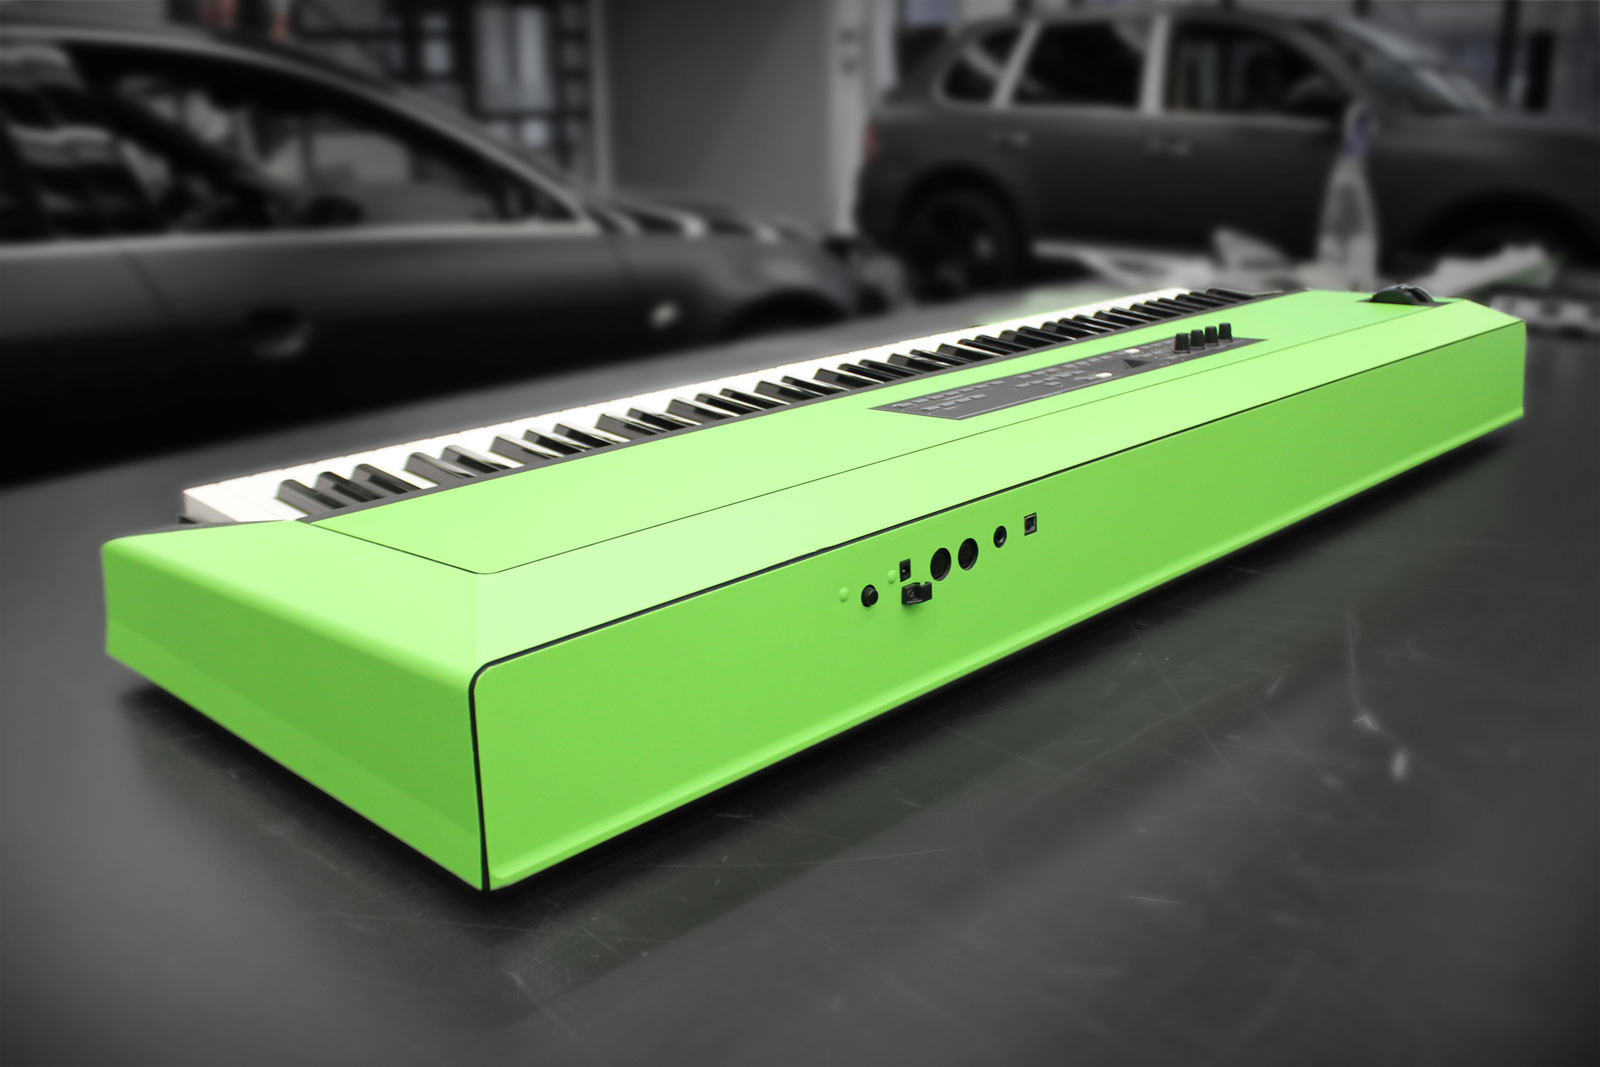 Dieses Keyboard ist mit grüner Folie beklebt worden.